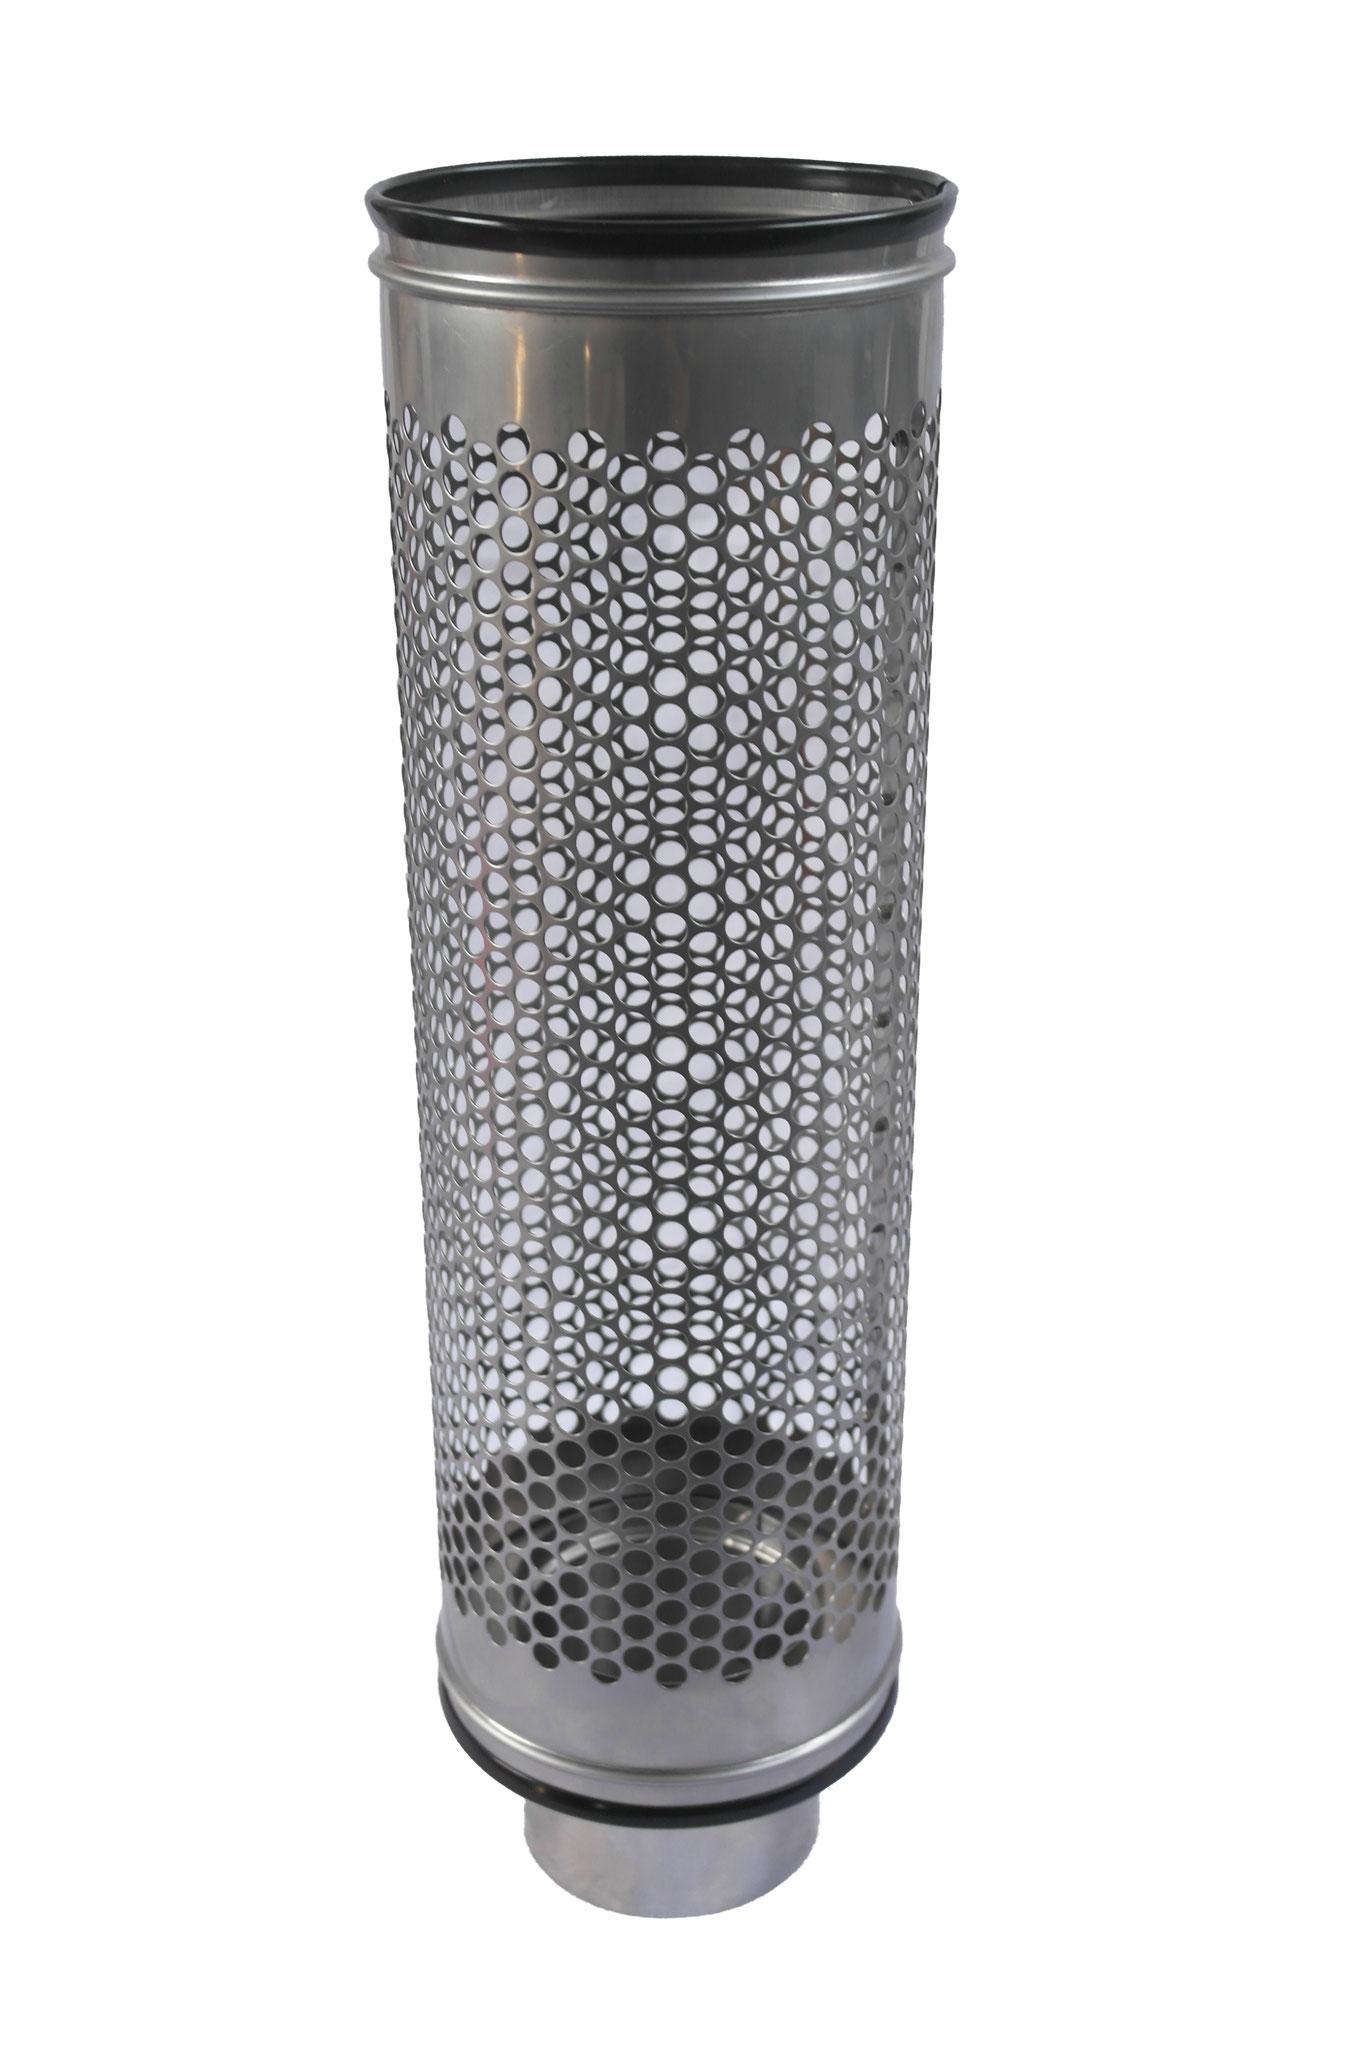 Siebrohr für 110 KG Rohr (DN 100) Reduziert von 160er Siebrohr einseitig verschlossen